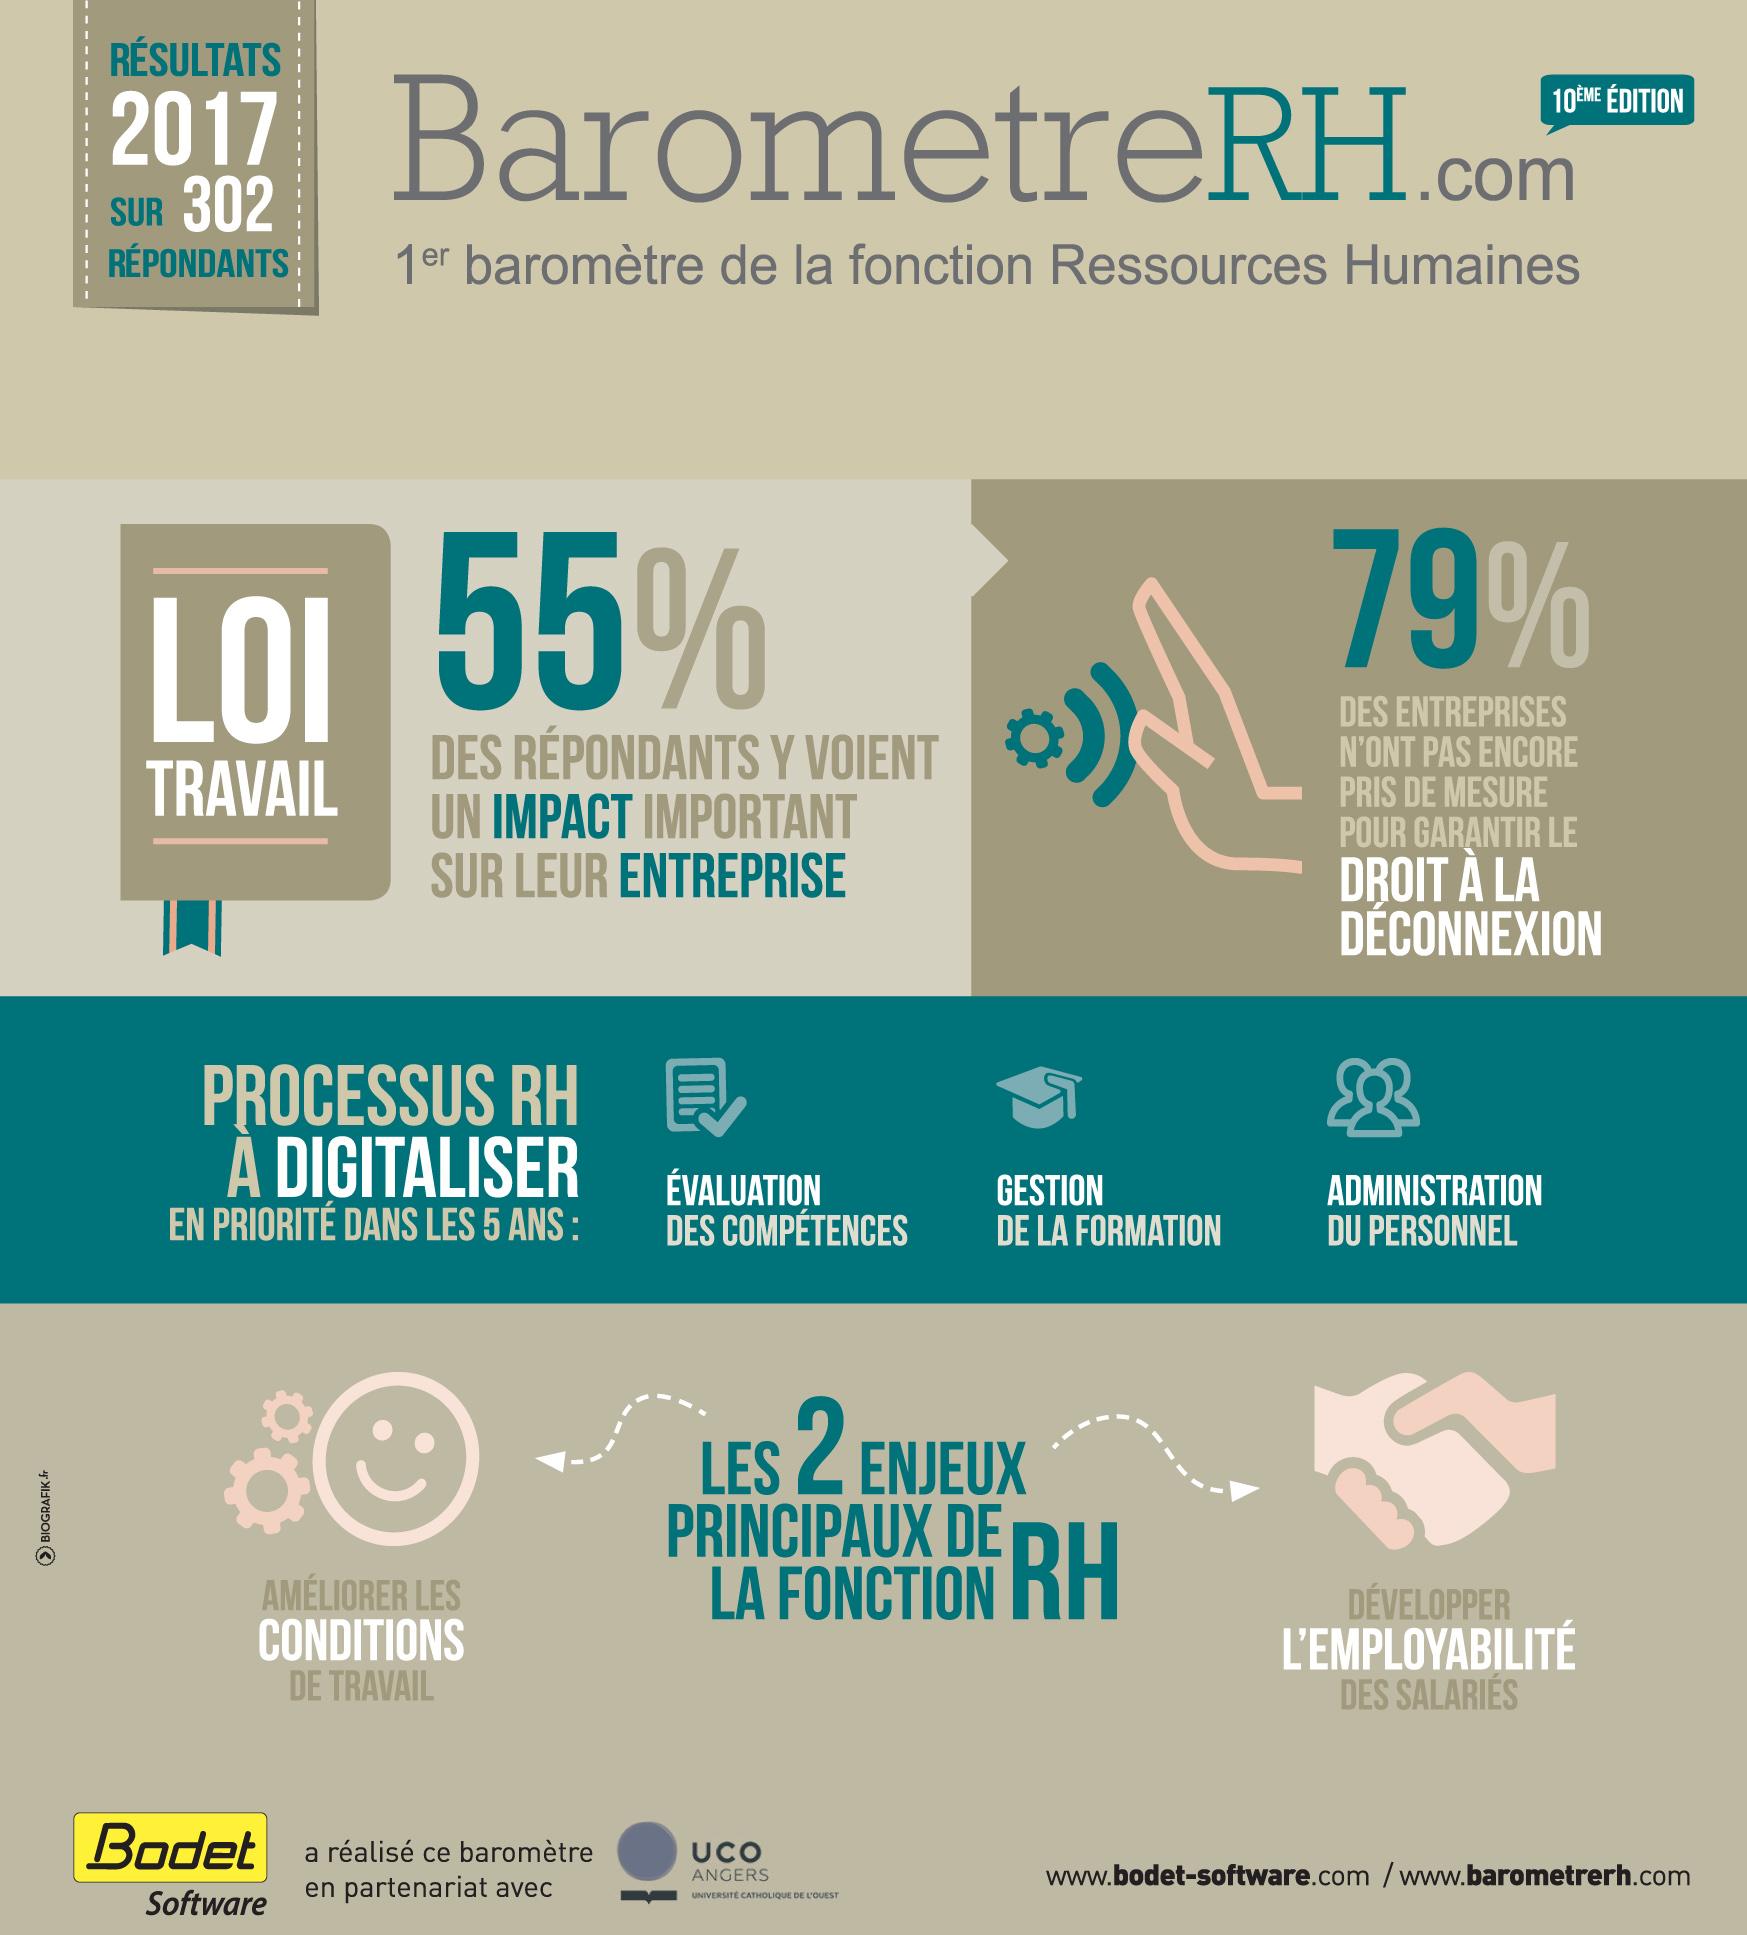 Infographie des chiffres-clefs du Baromètre RH 2017